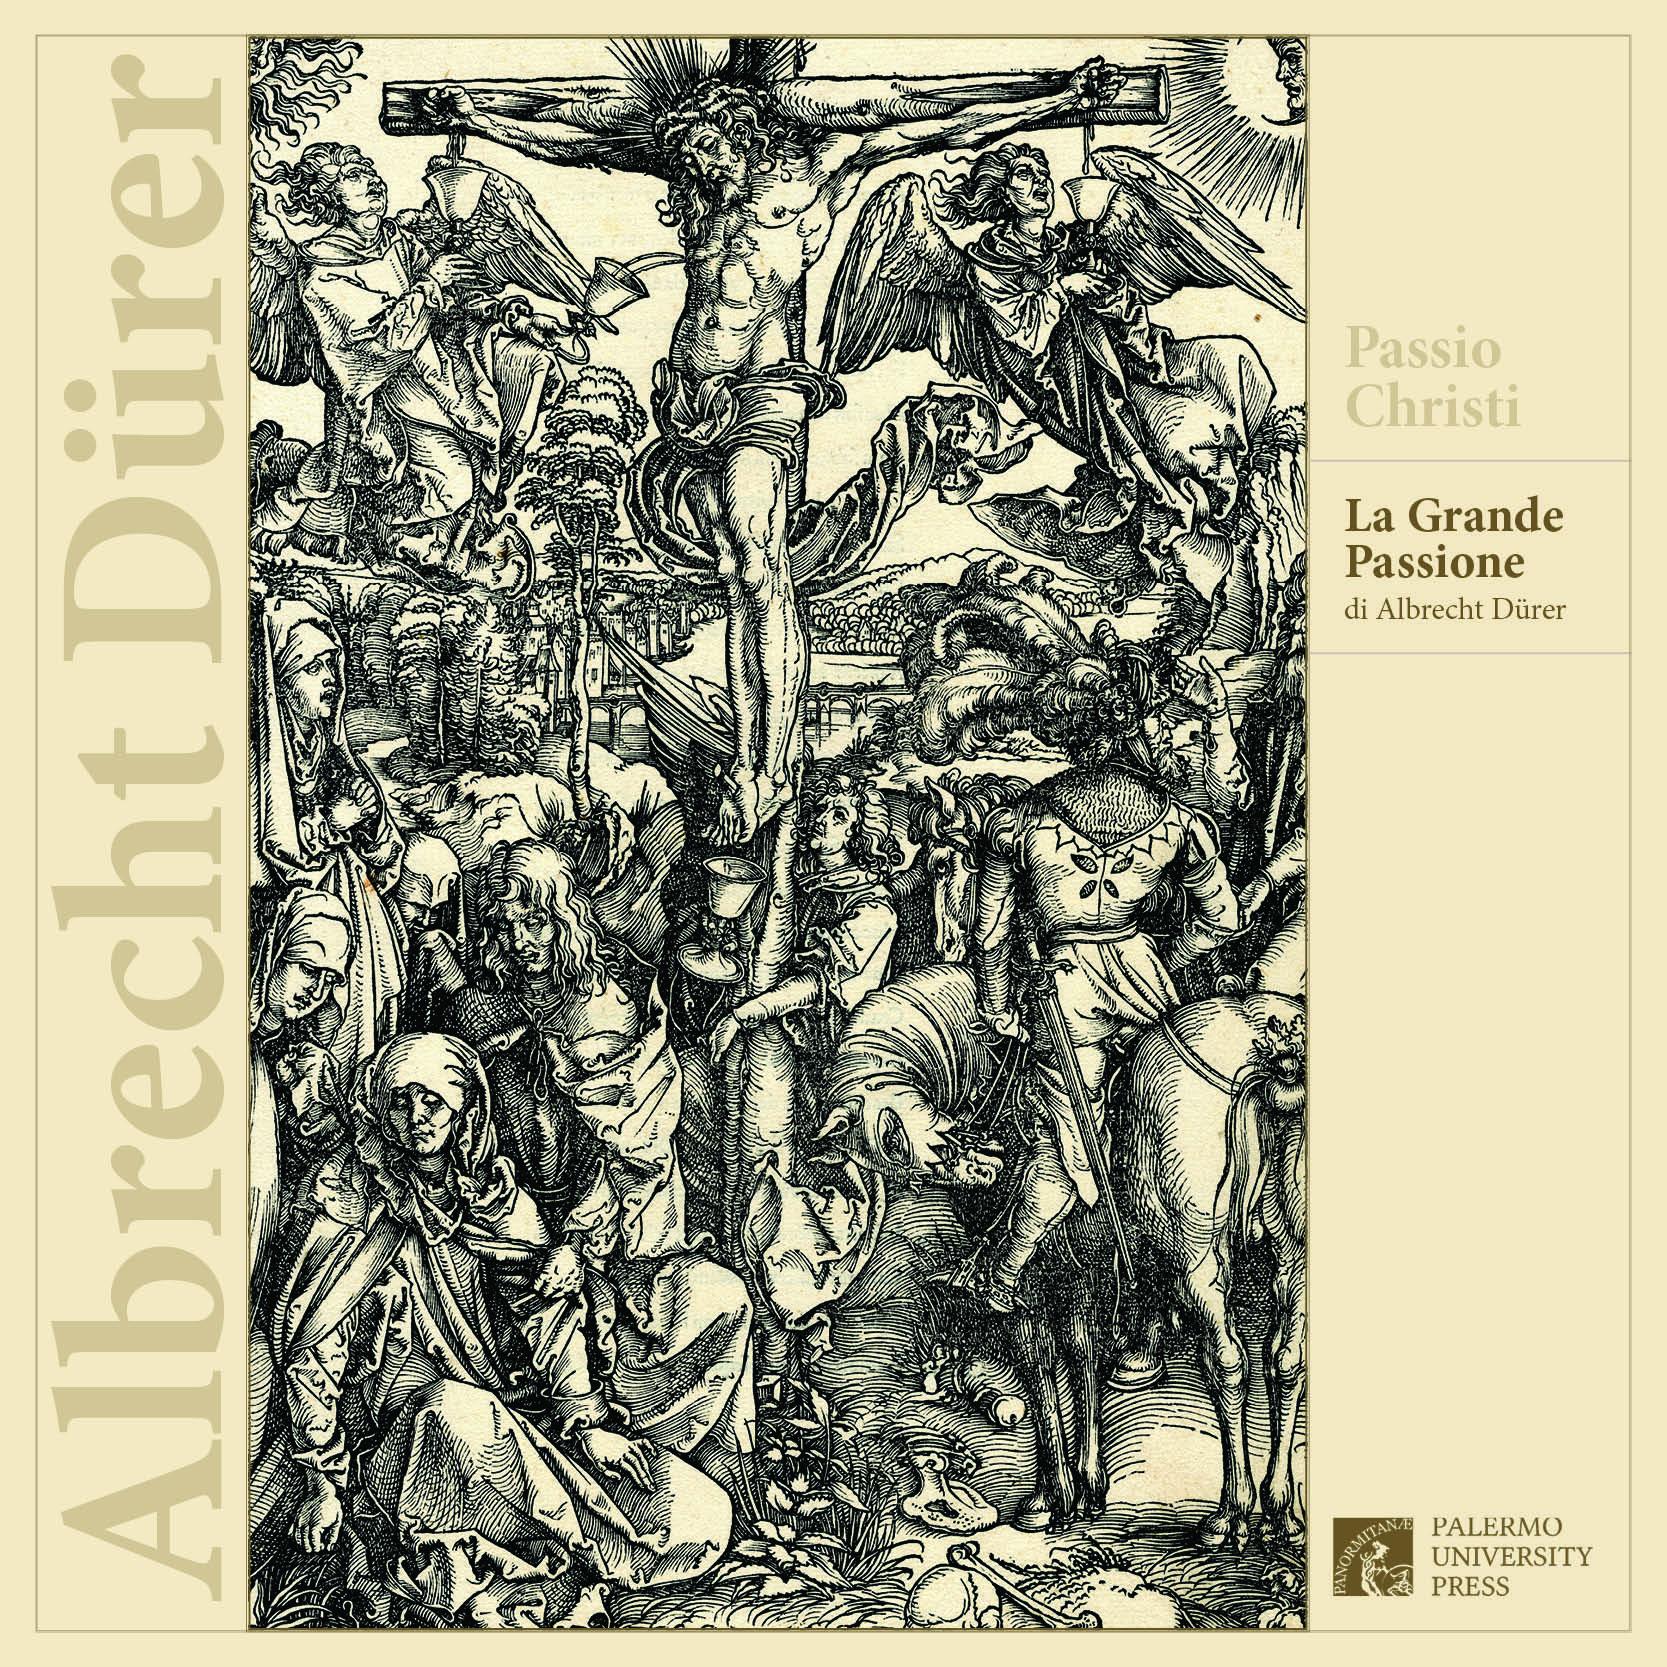 """Dal 26 marzo al 6 aprile presso la Biblioteca centrale della Regione Siciliana sarà esposta la """"Passio Christi, la Grande Passione di Albrecht Dϋrer"""""""